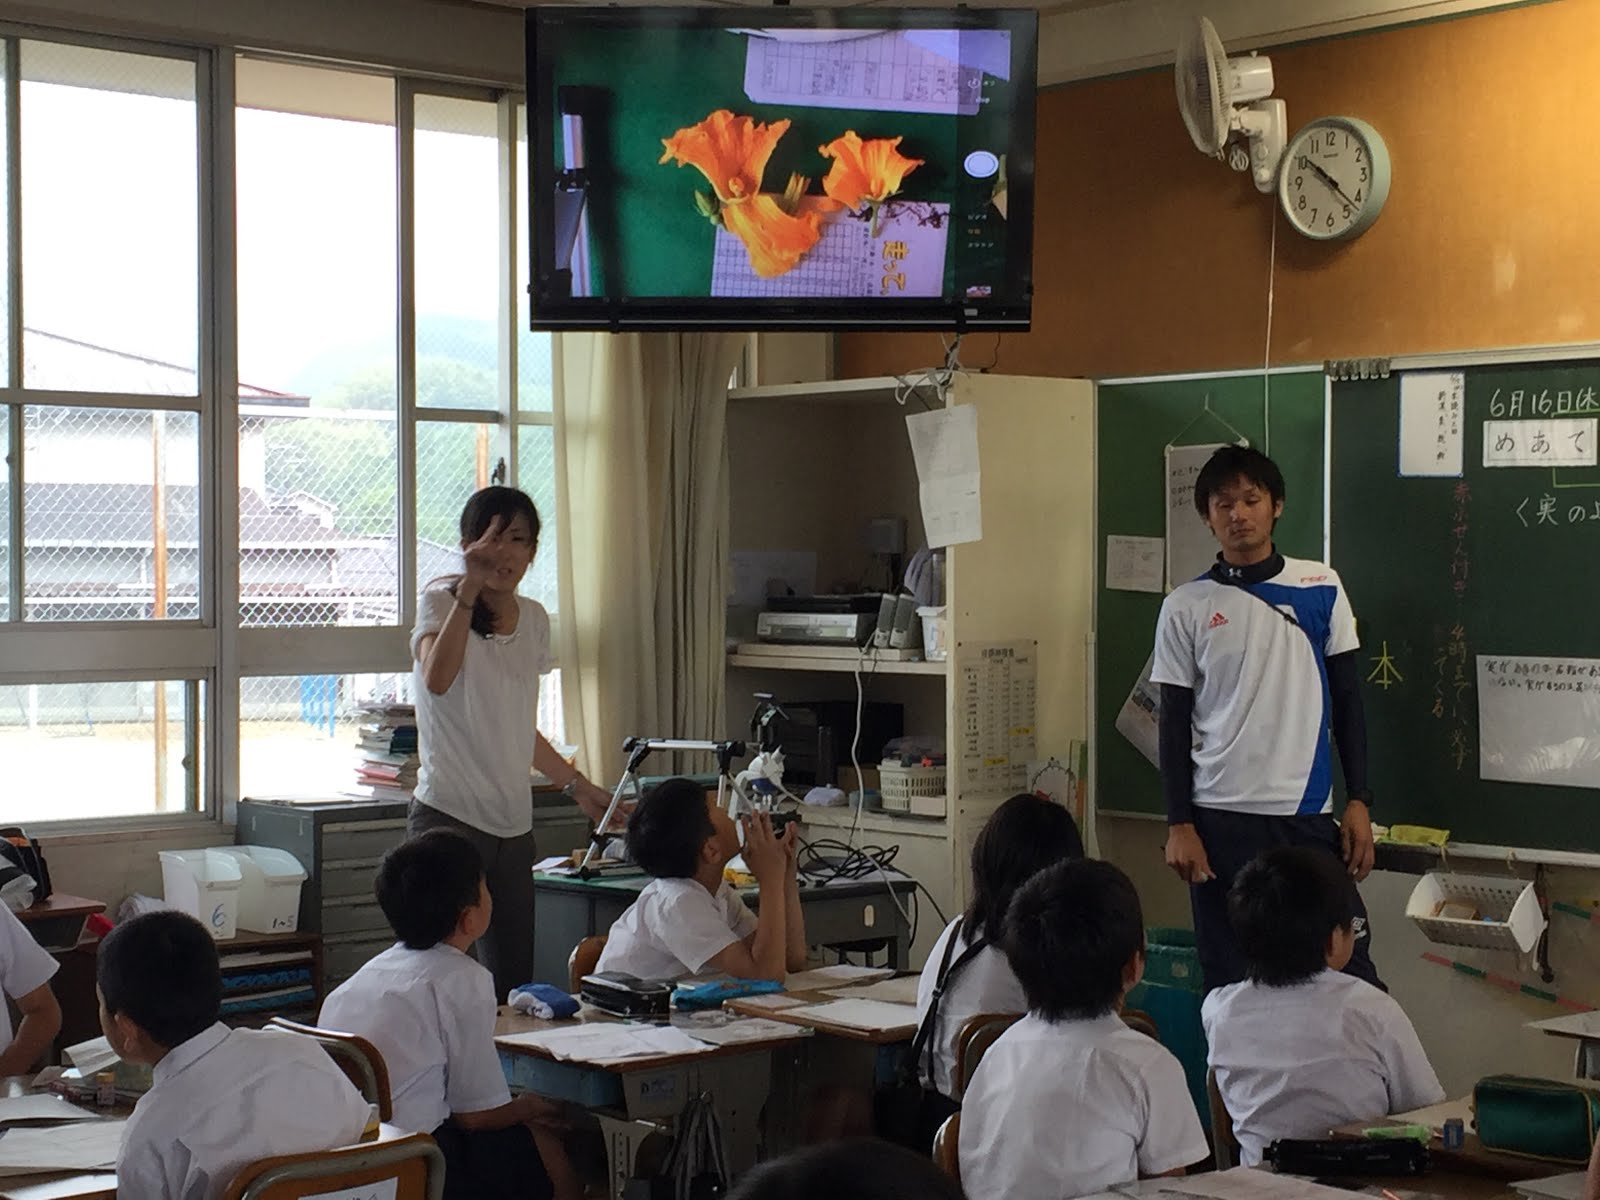 南松尾小学校校長のブログ